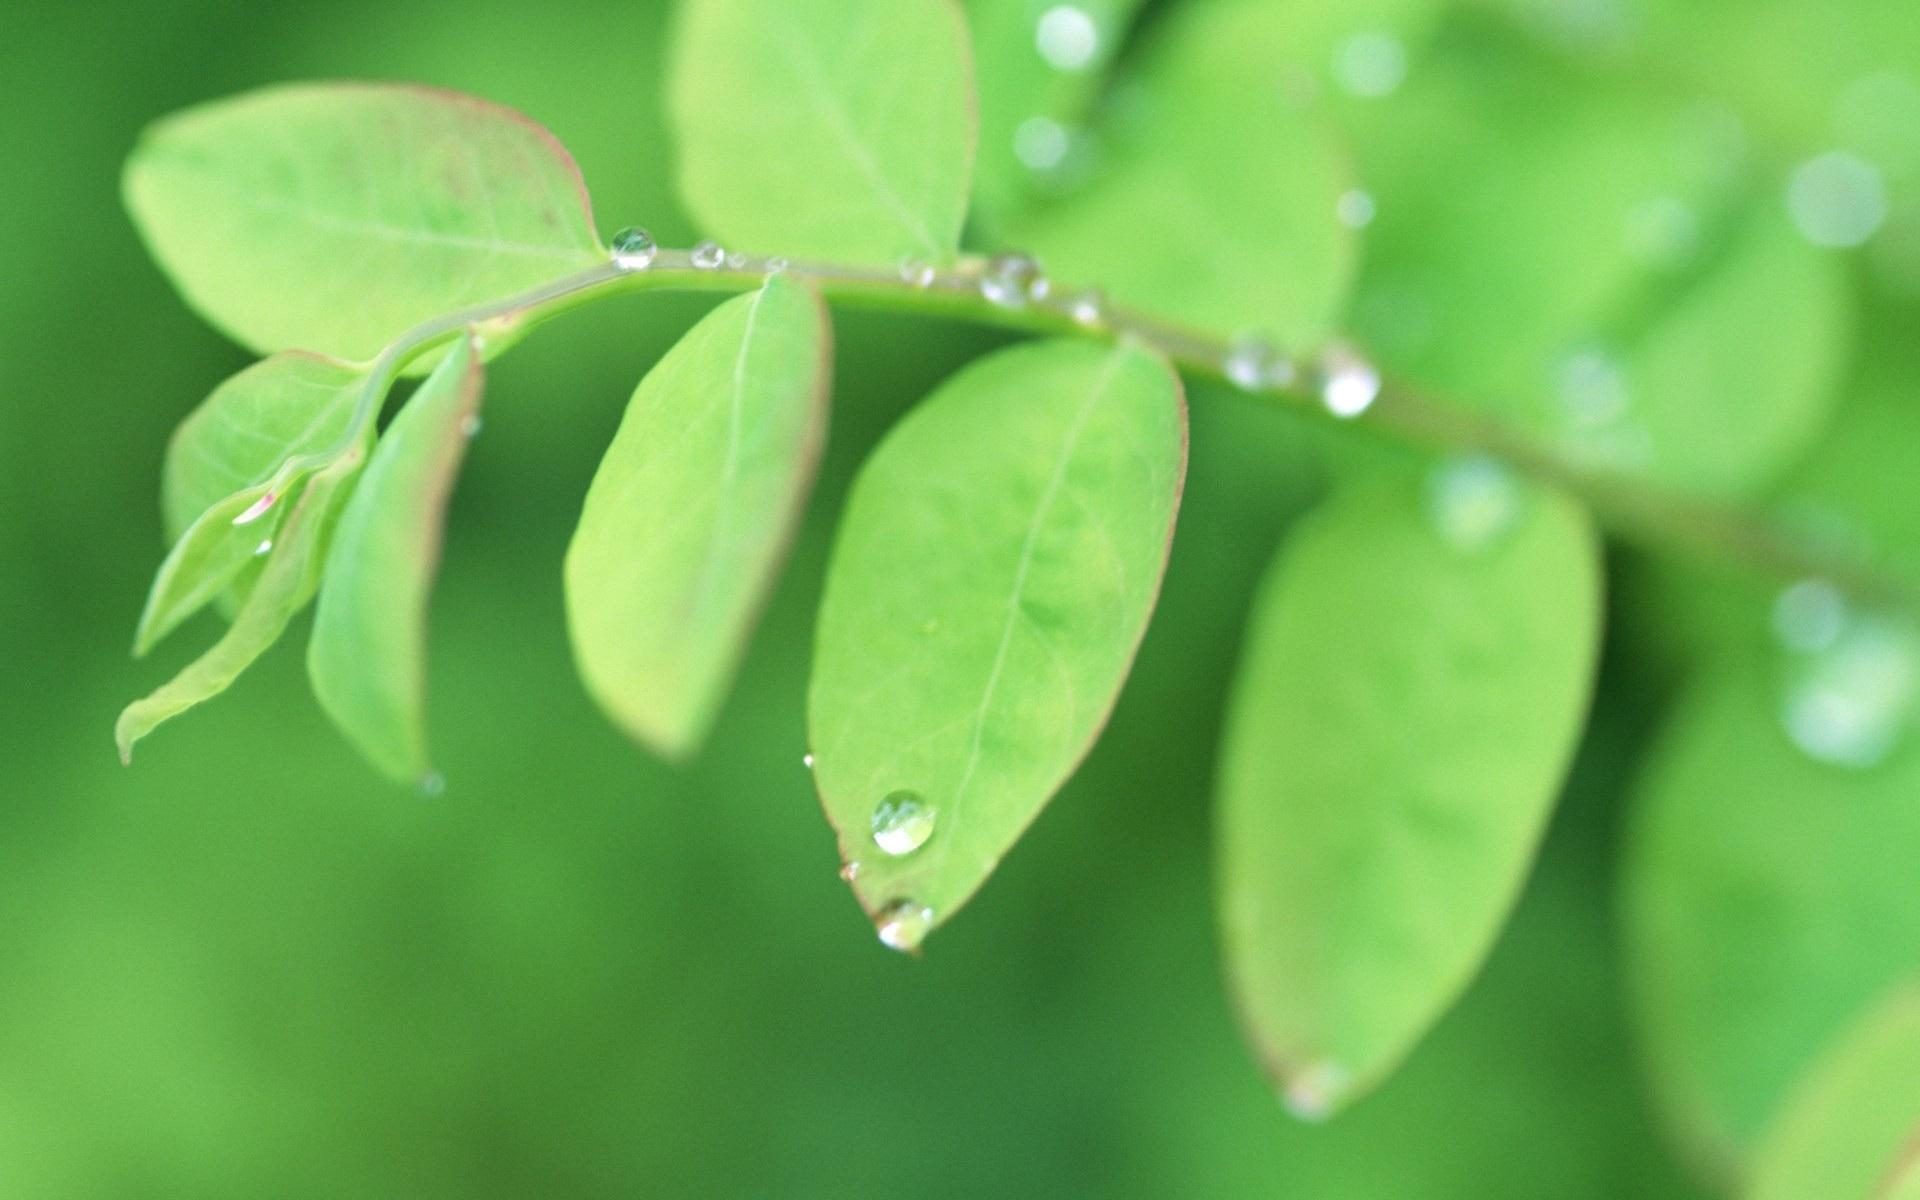 листья капля фокус бесплатно